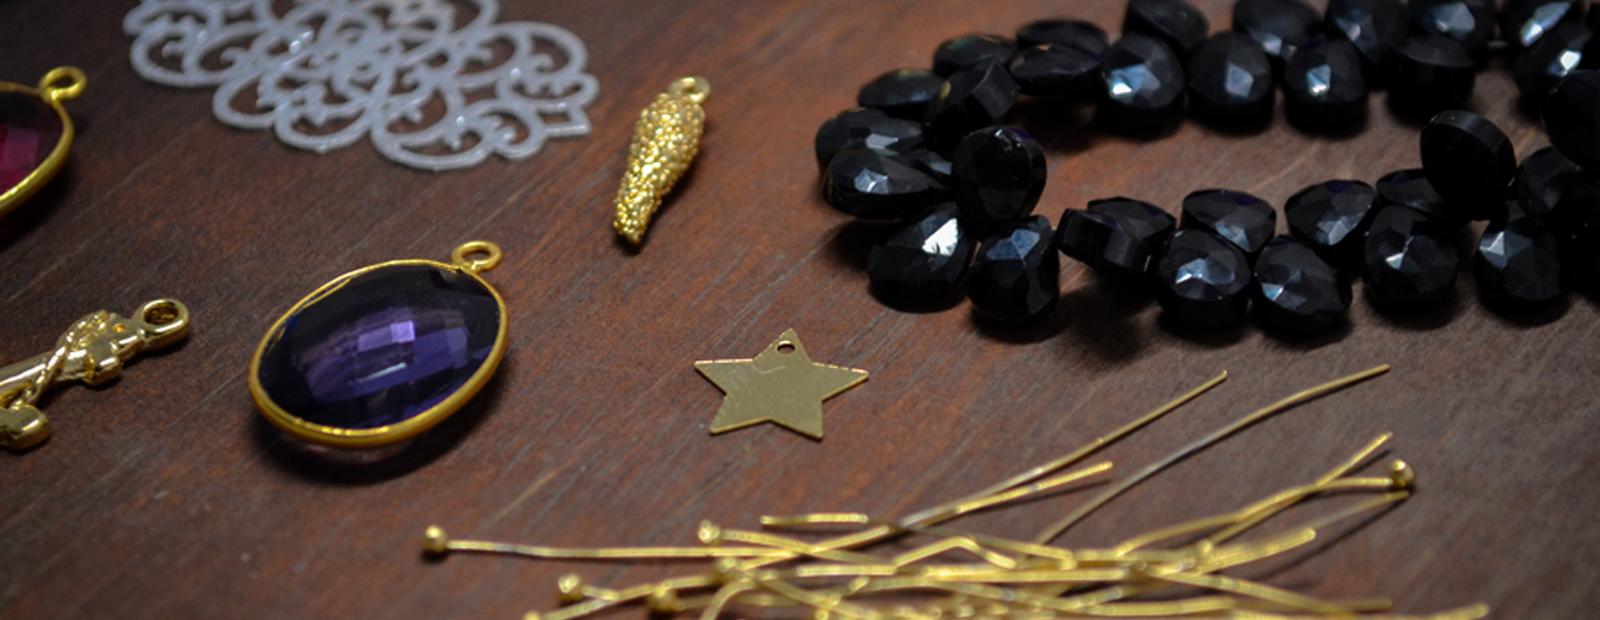 piezas y accesorios para armar joyas